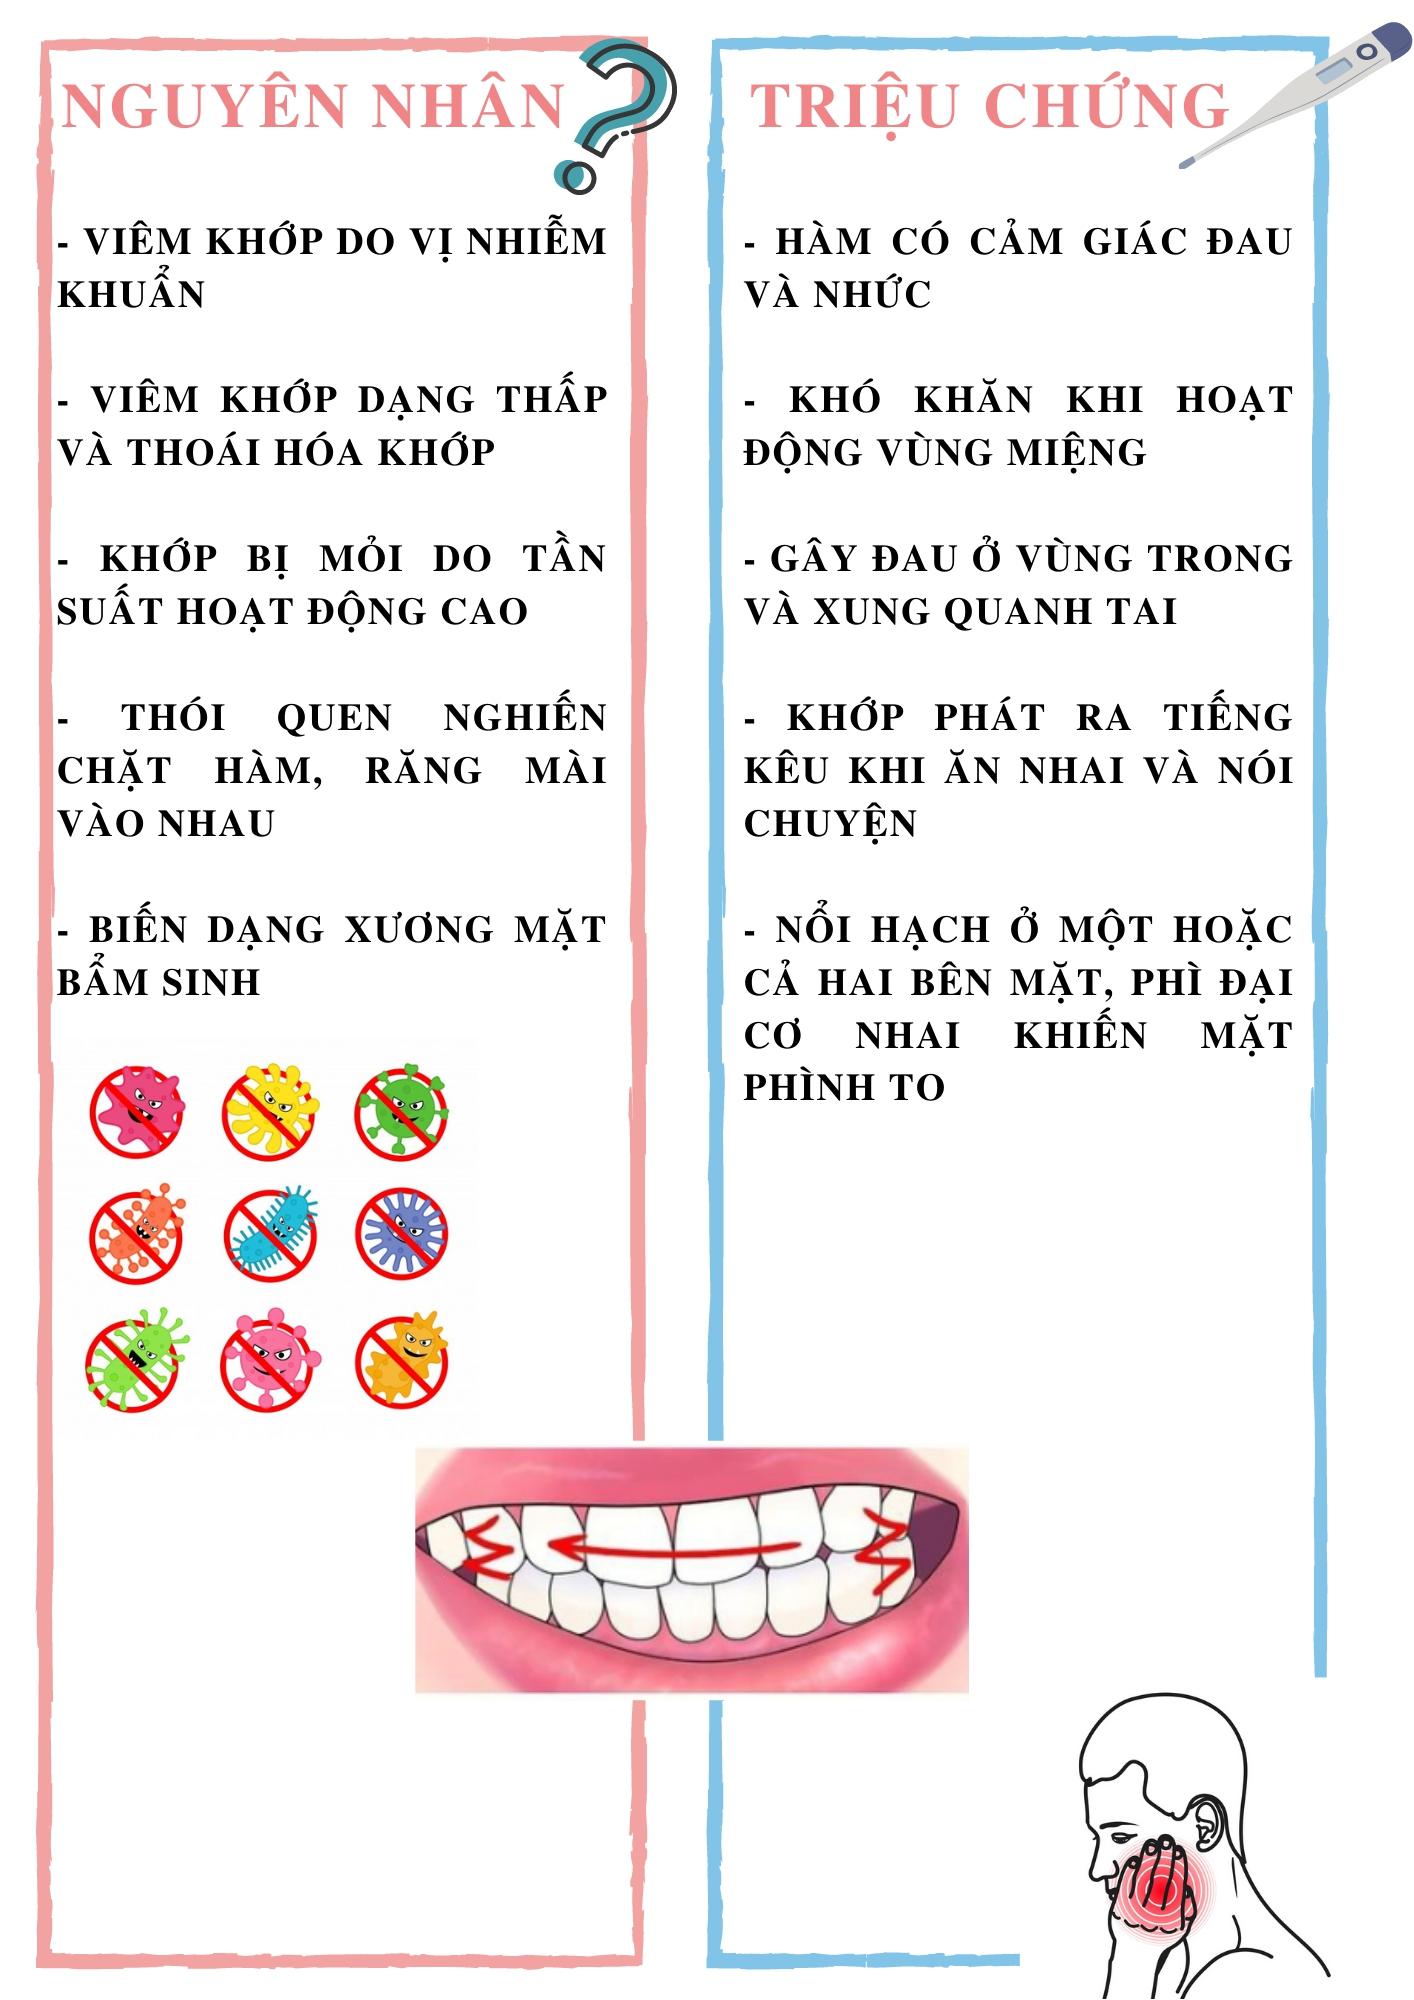 các bệnh răng miệng